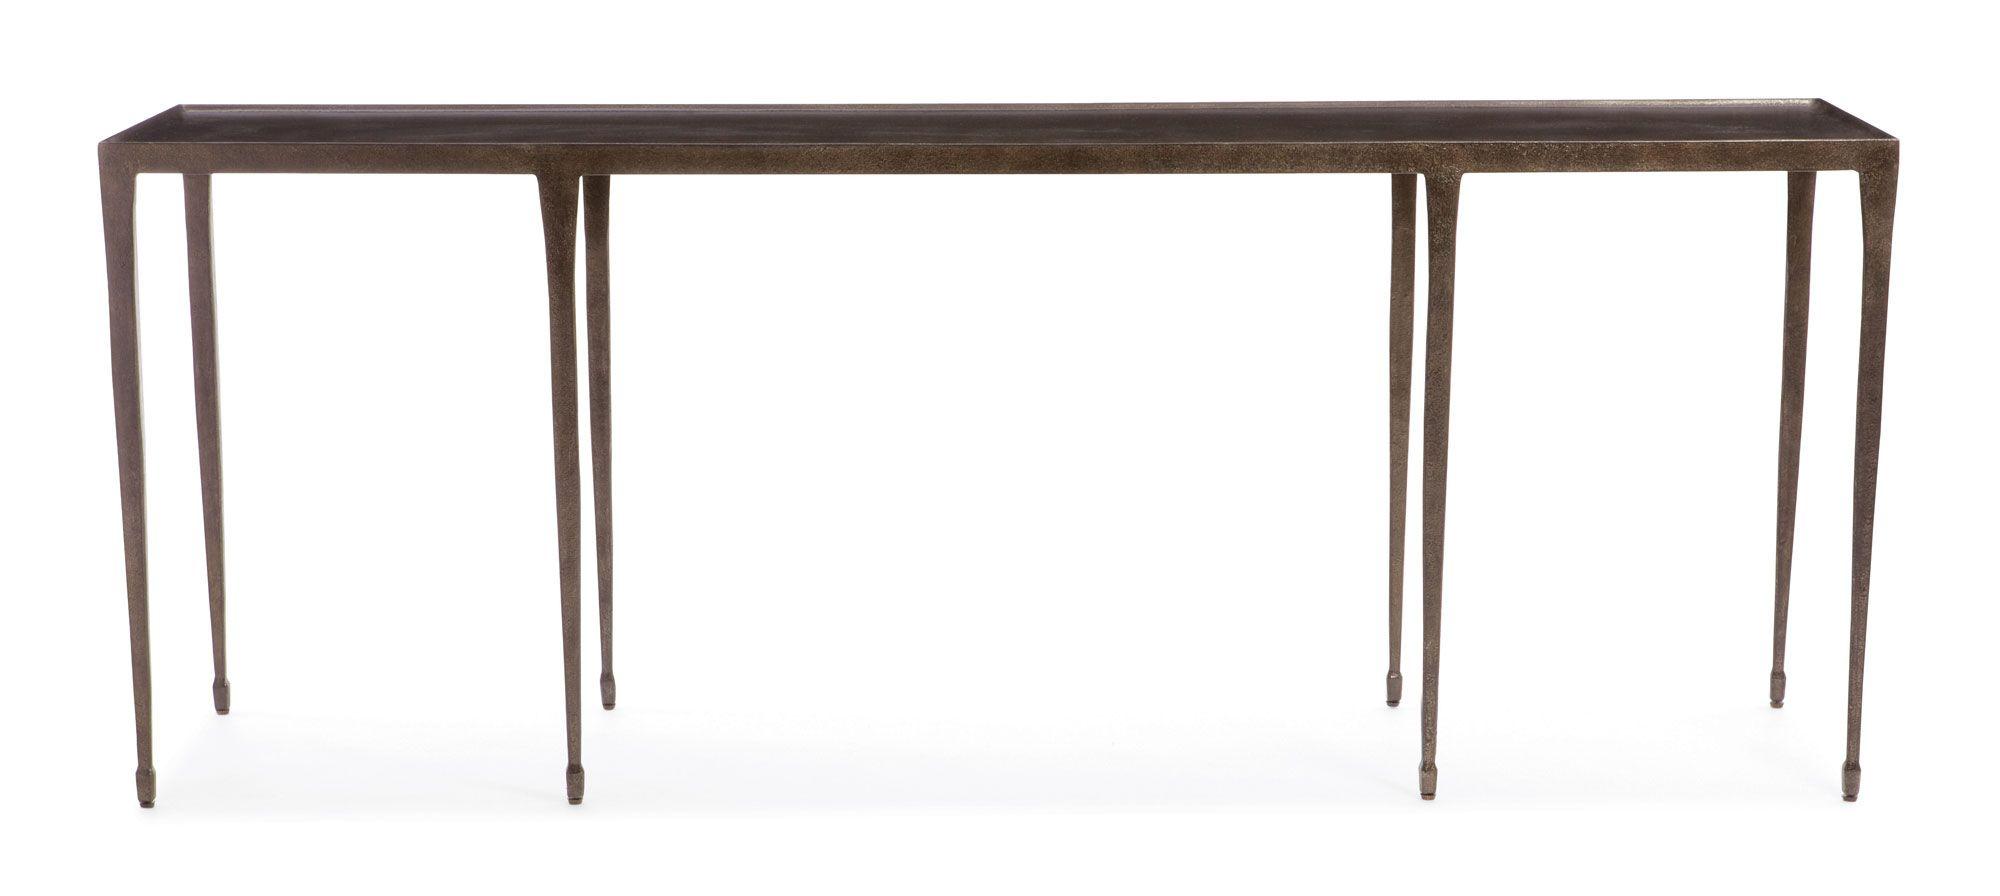 323 913 Halden Console Table 84 Quot Bernhardt W 84 D 19 H